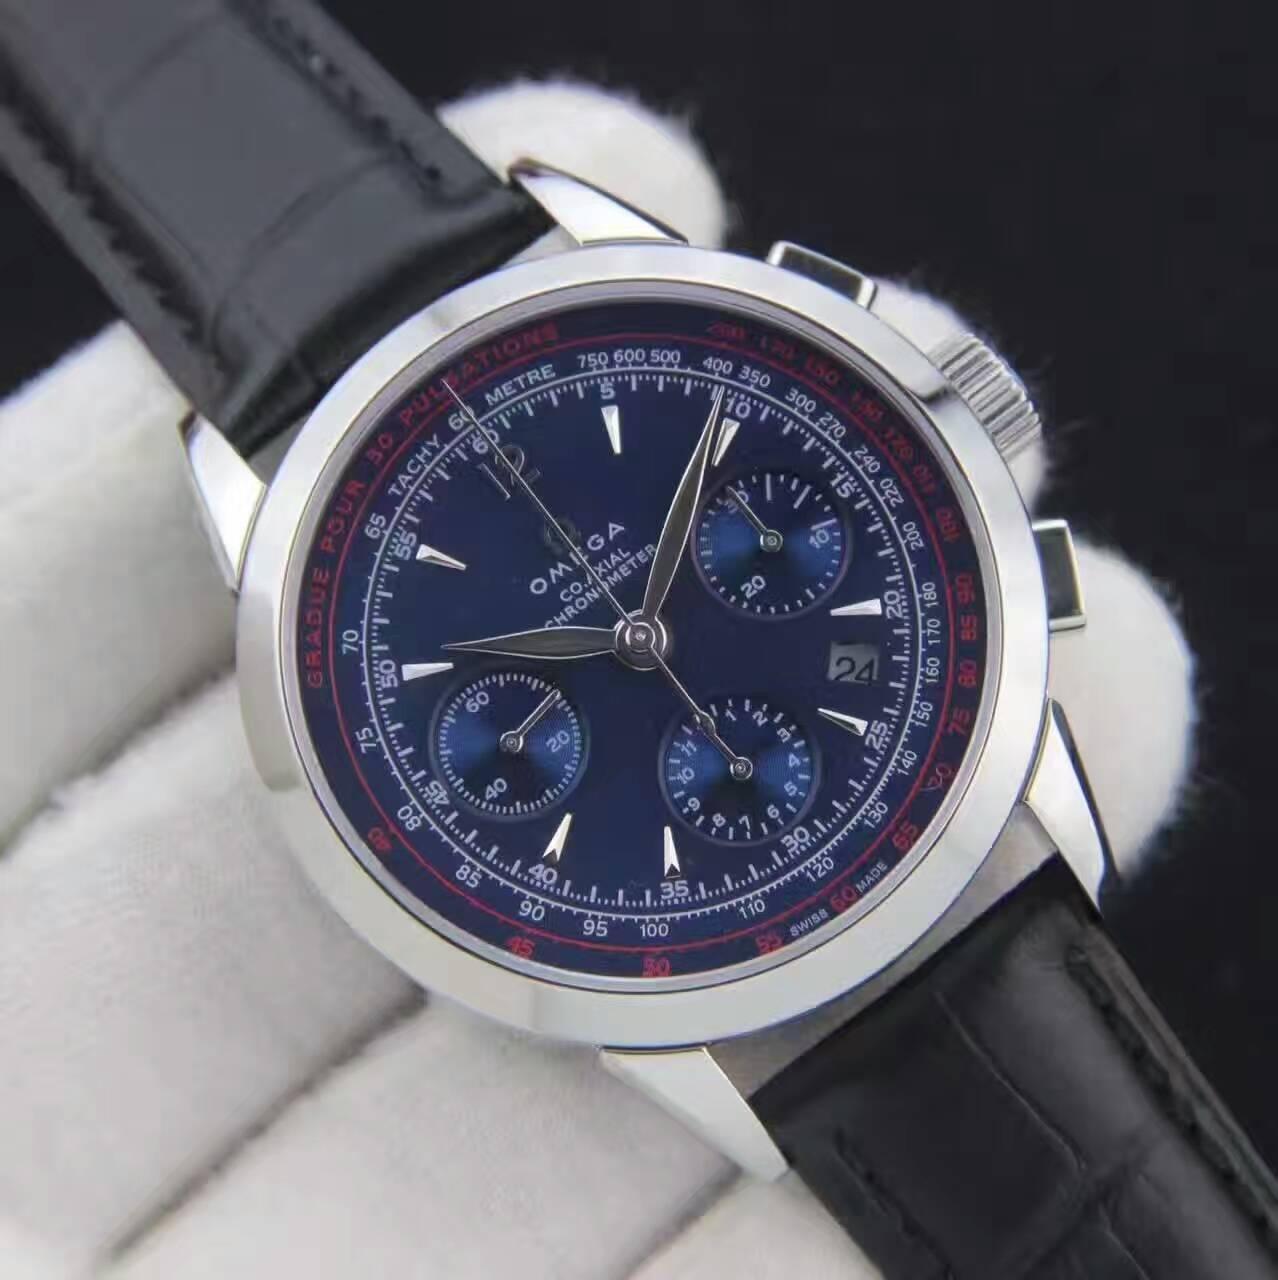 优雅、精准和完美的顶级手表